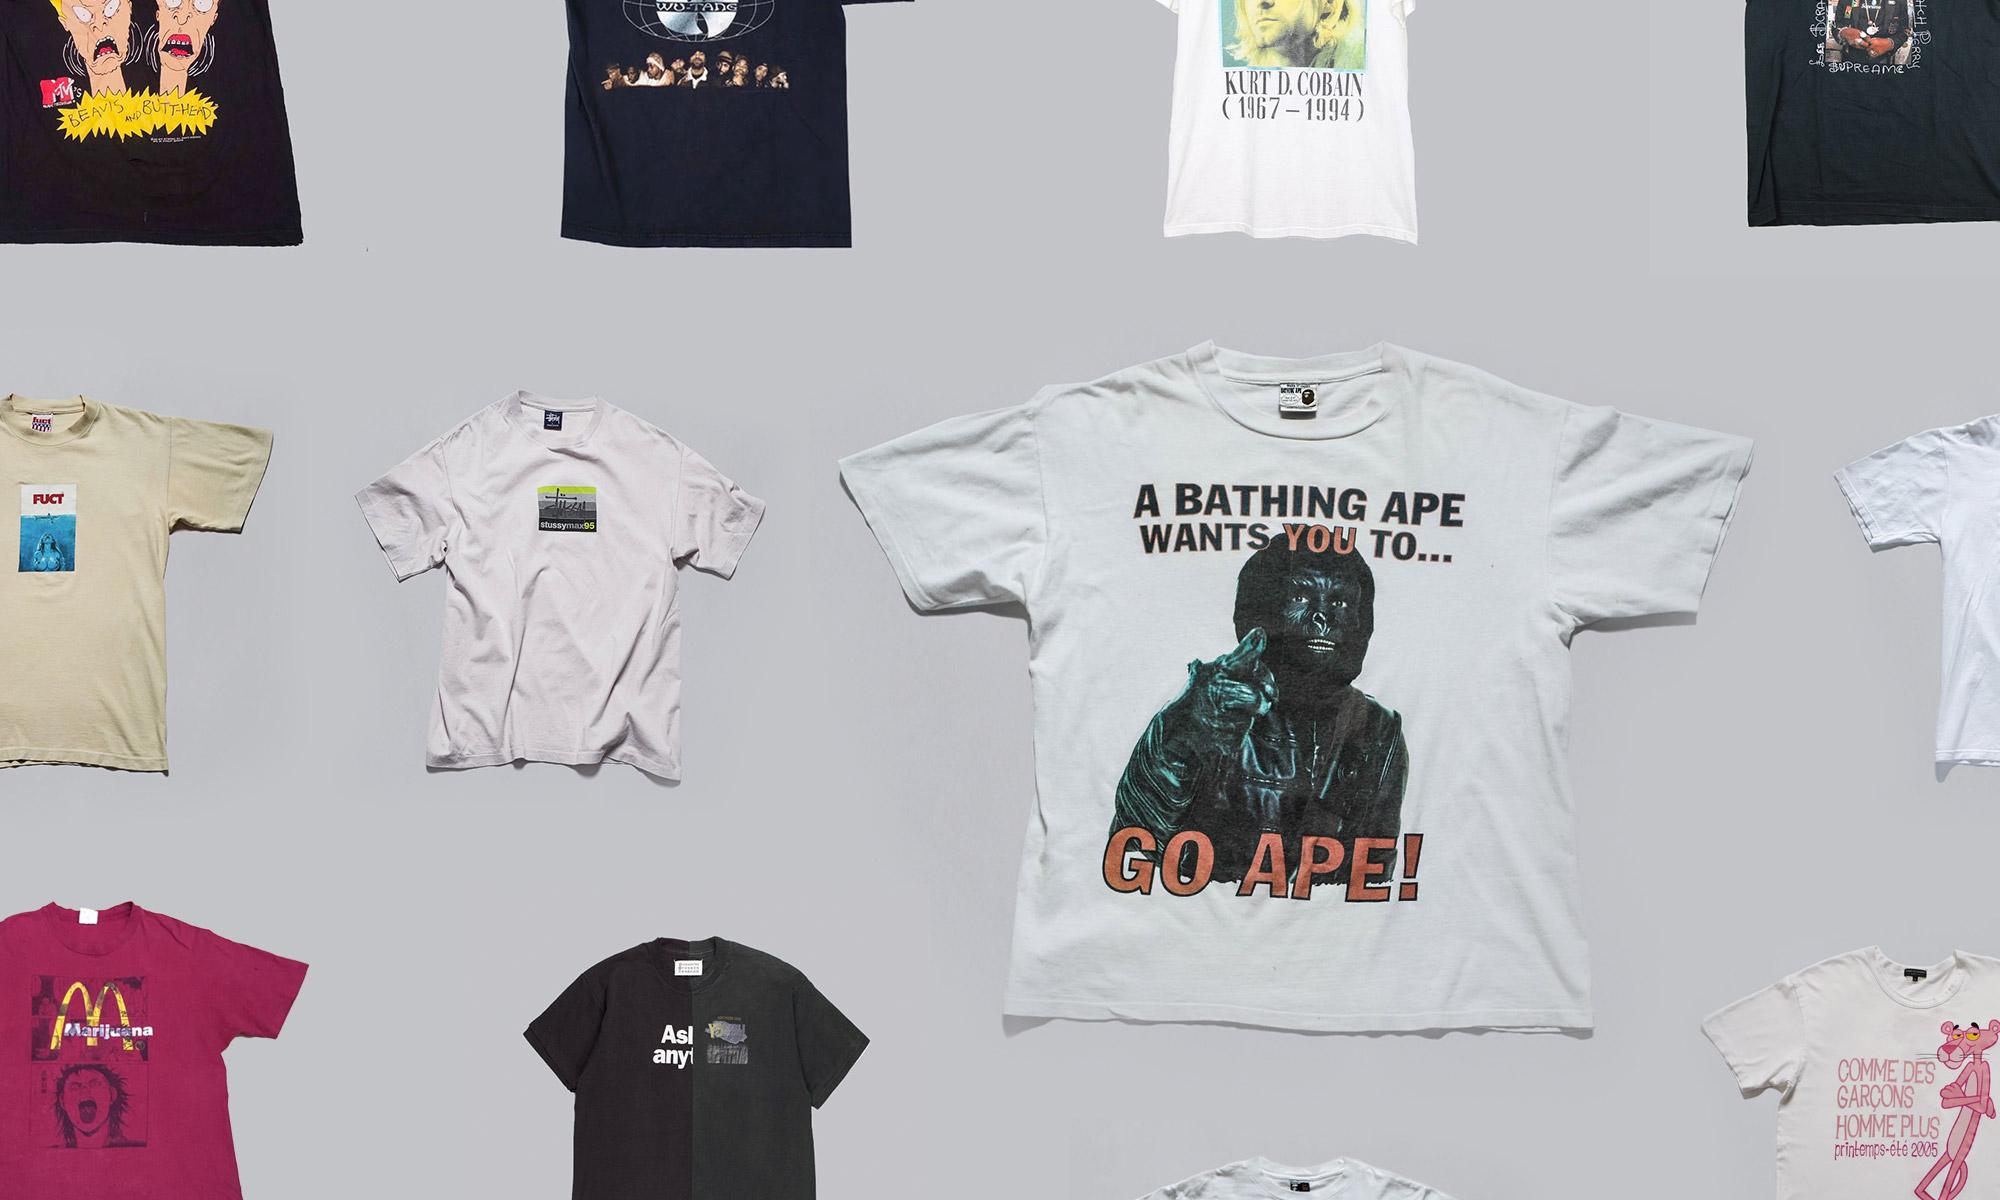 趁着天气还热,数十款古董 T-Shirt 推荐给你